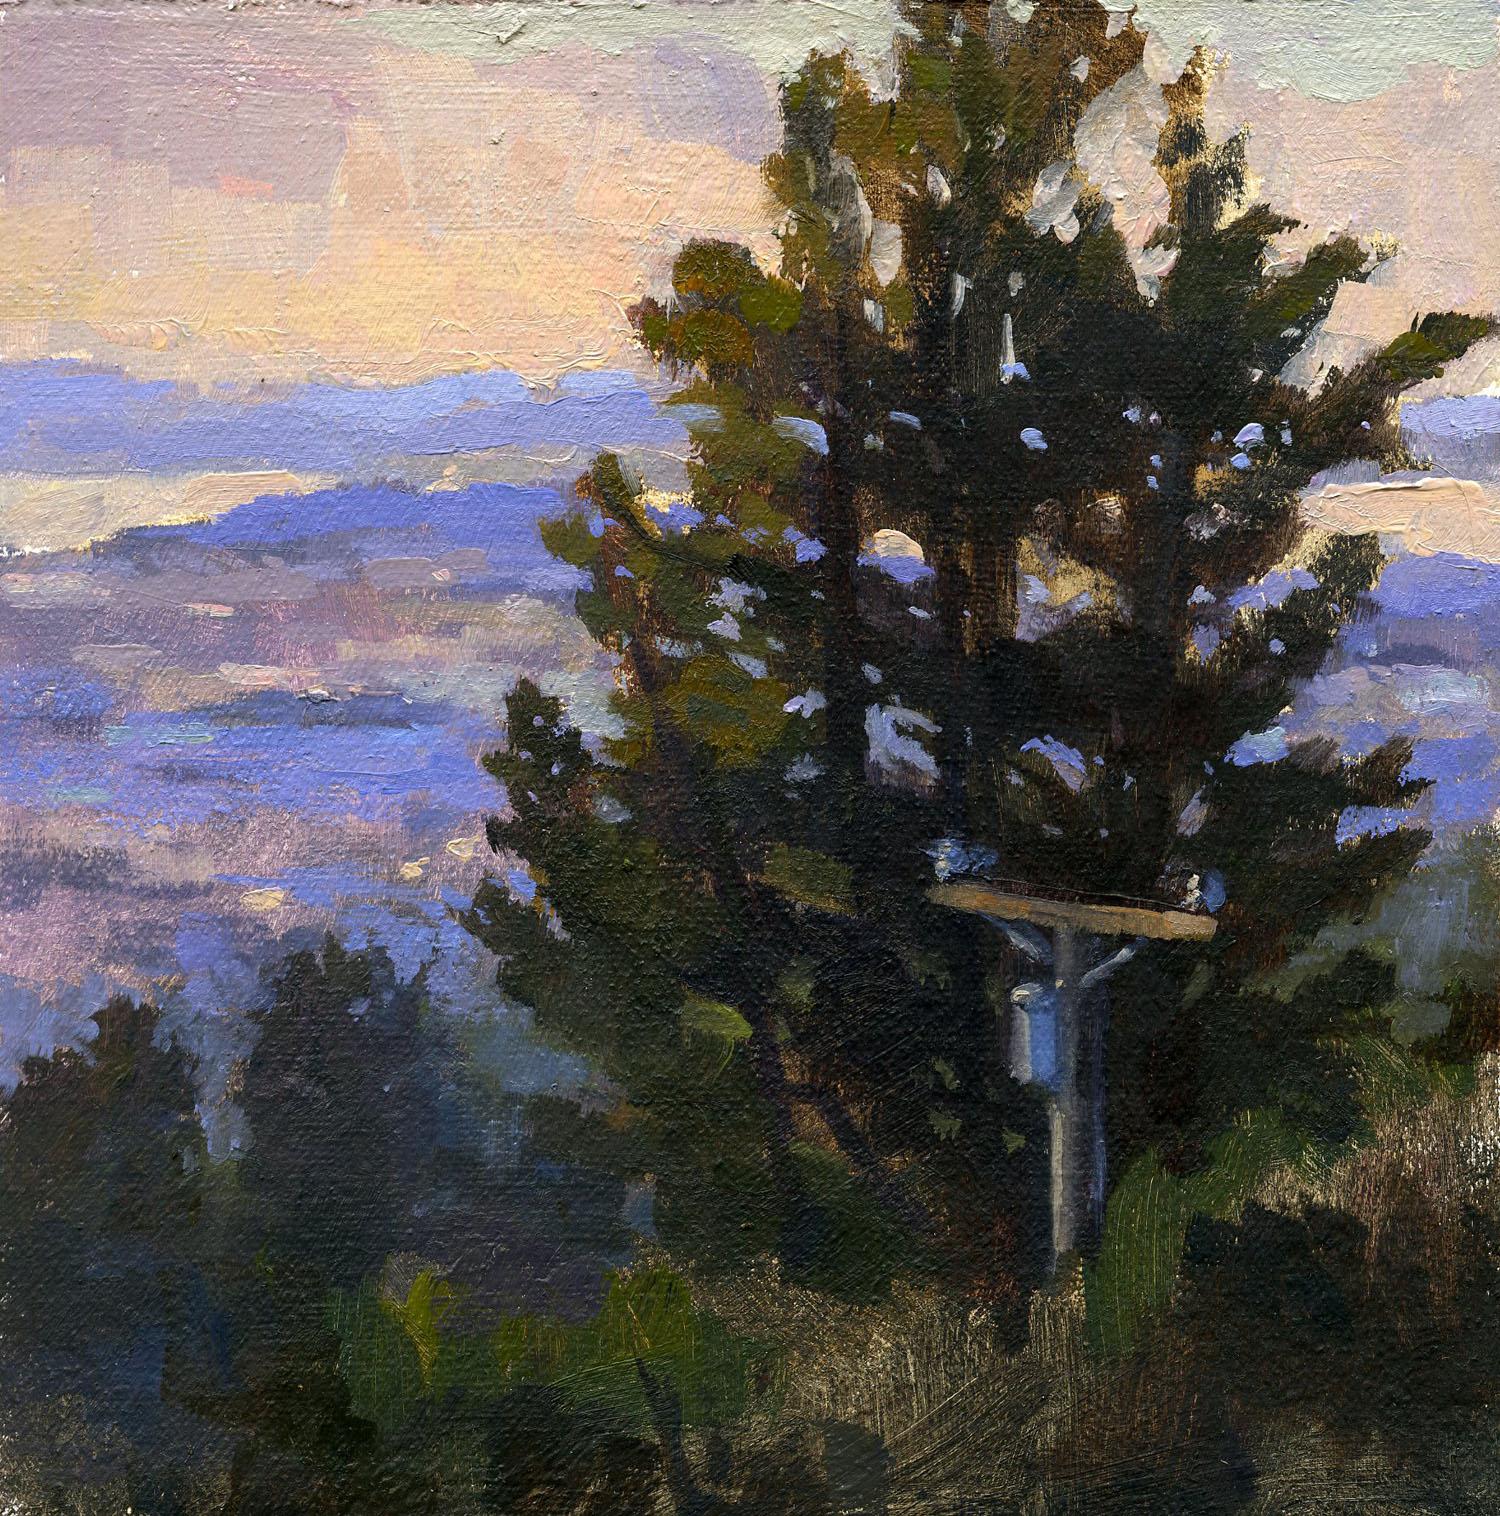 Berkeley Hills, Looking North